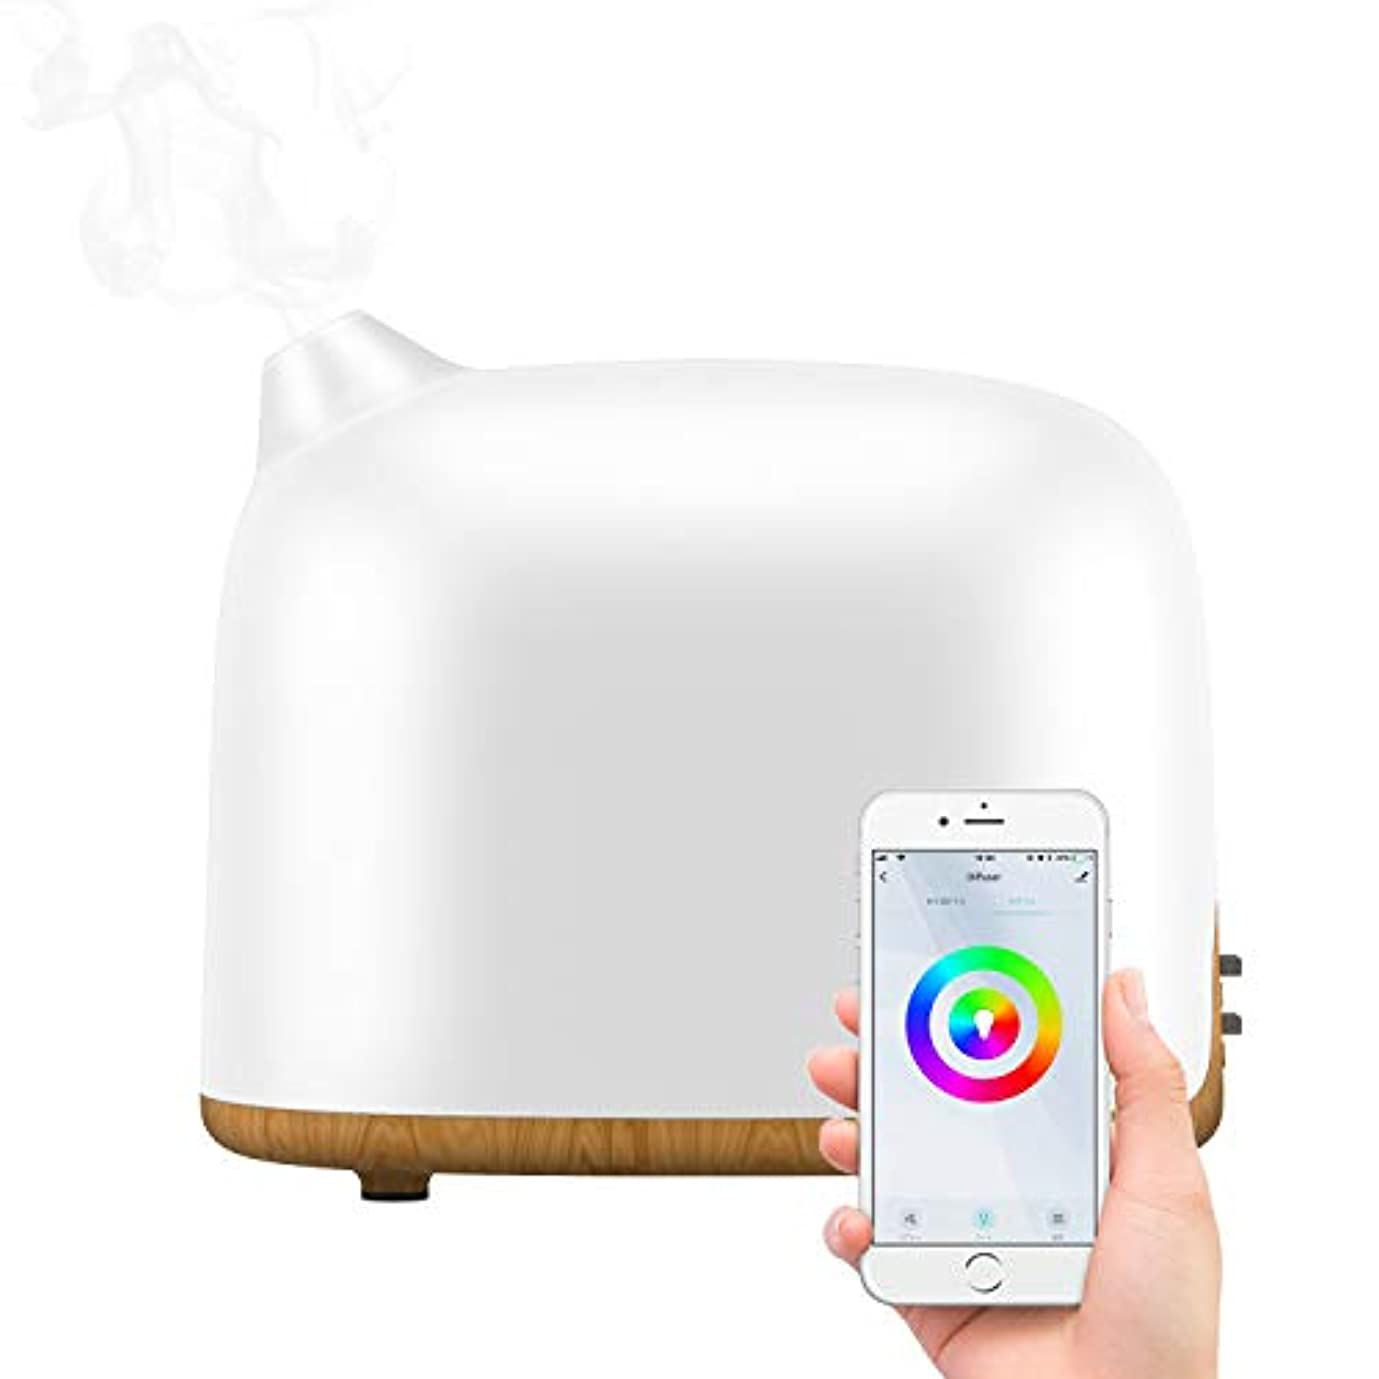 群がる教義九時四十五分[令和最新版]スマートアロマディフューザー MILcea スマホ連動 超音波アロマ加湿器 ミスト2段階調節 14色LEDライト変換 時間設定 静音 省エネ 空焚き防止機能付き Amazon Echo/Google Home対応 乾燥/花粉症対策 300ML 木目調